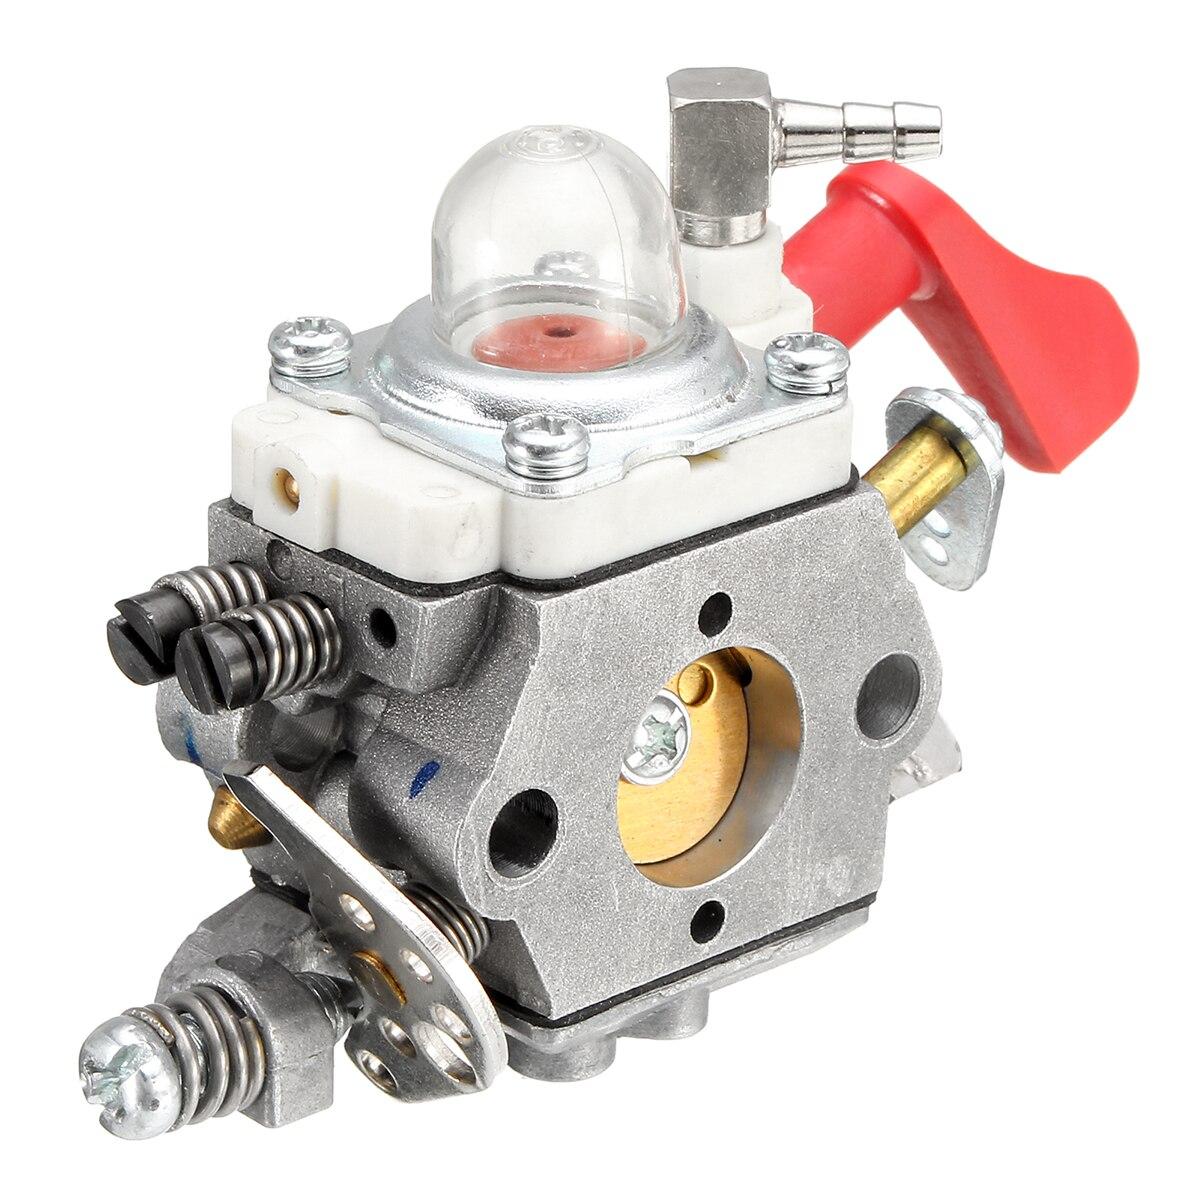 Carburateur Remplacer pour Walbro WT 668 997 HPI Baja 5B FG ZENOAH CY RCMK Losi Voiture